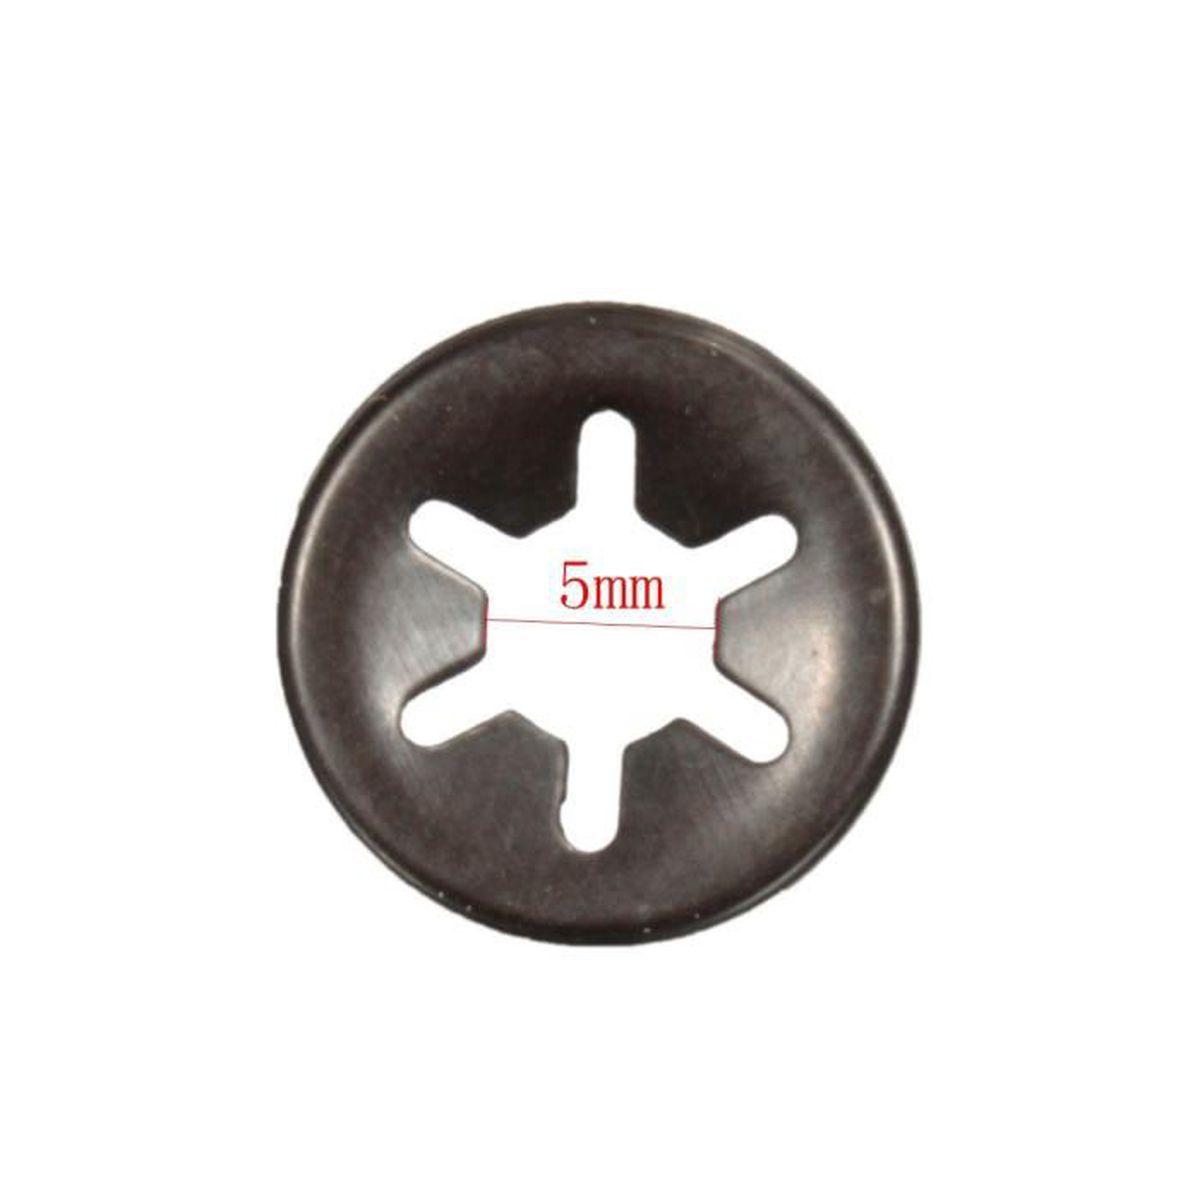 Neufu 10pcs starlock rondelle blocage fixation attache vitesse antivol clips 5mm achat vente - Rondelle pour gond de porte ...